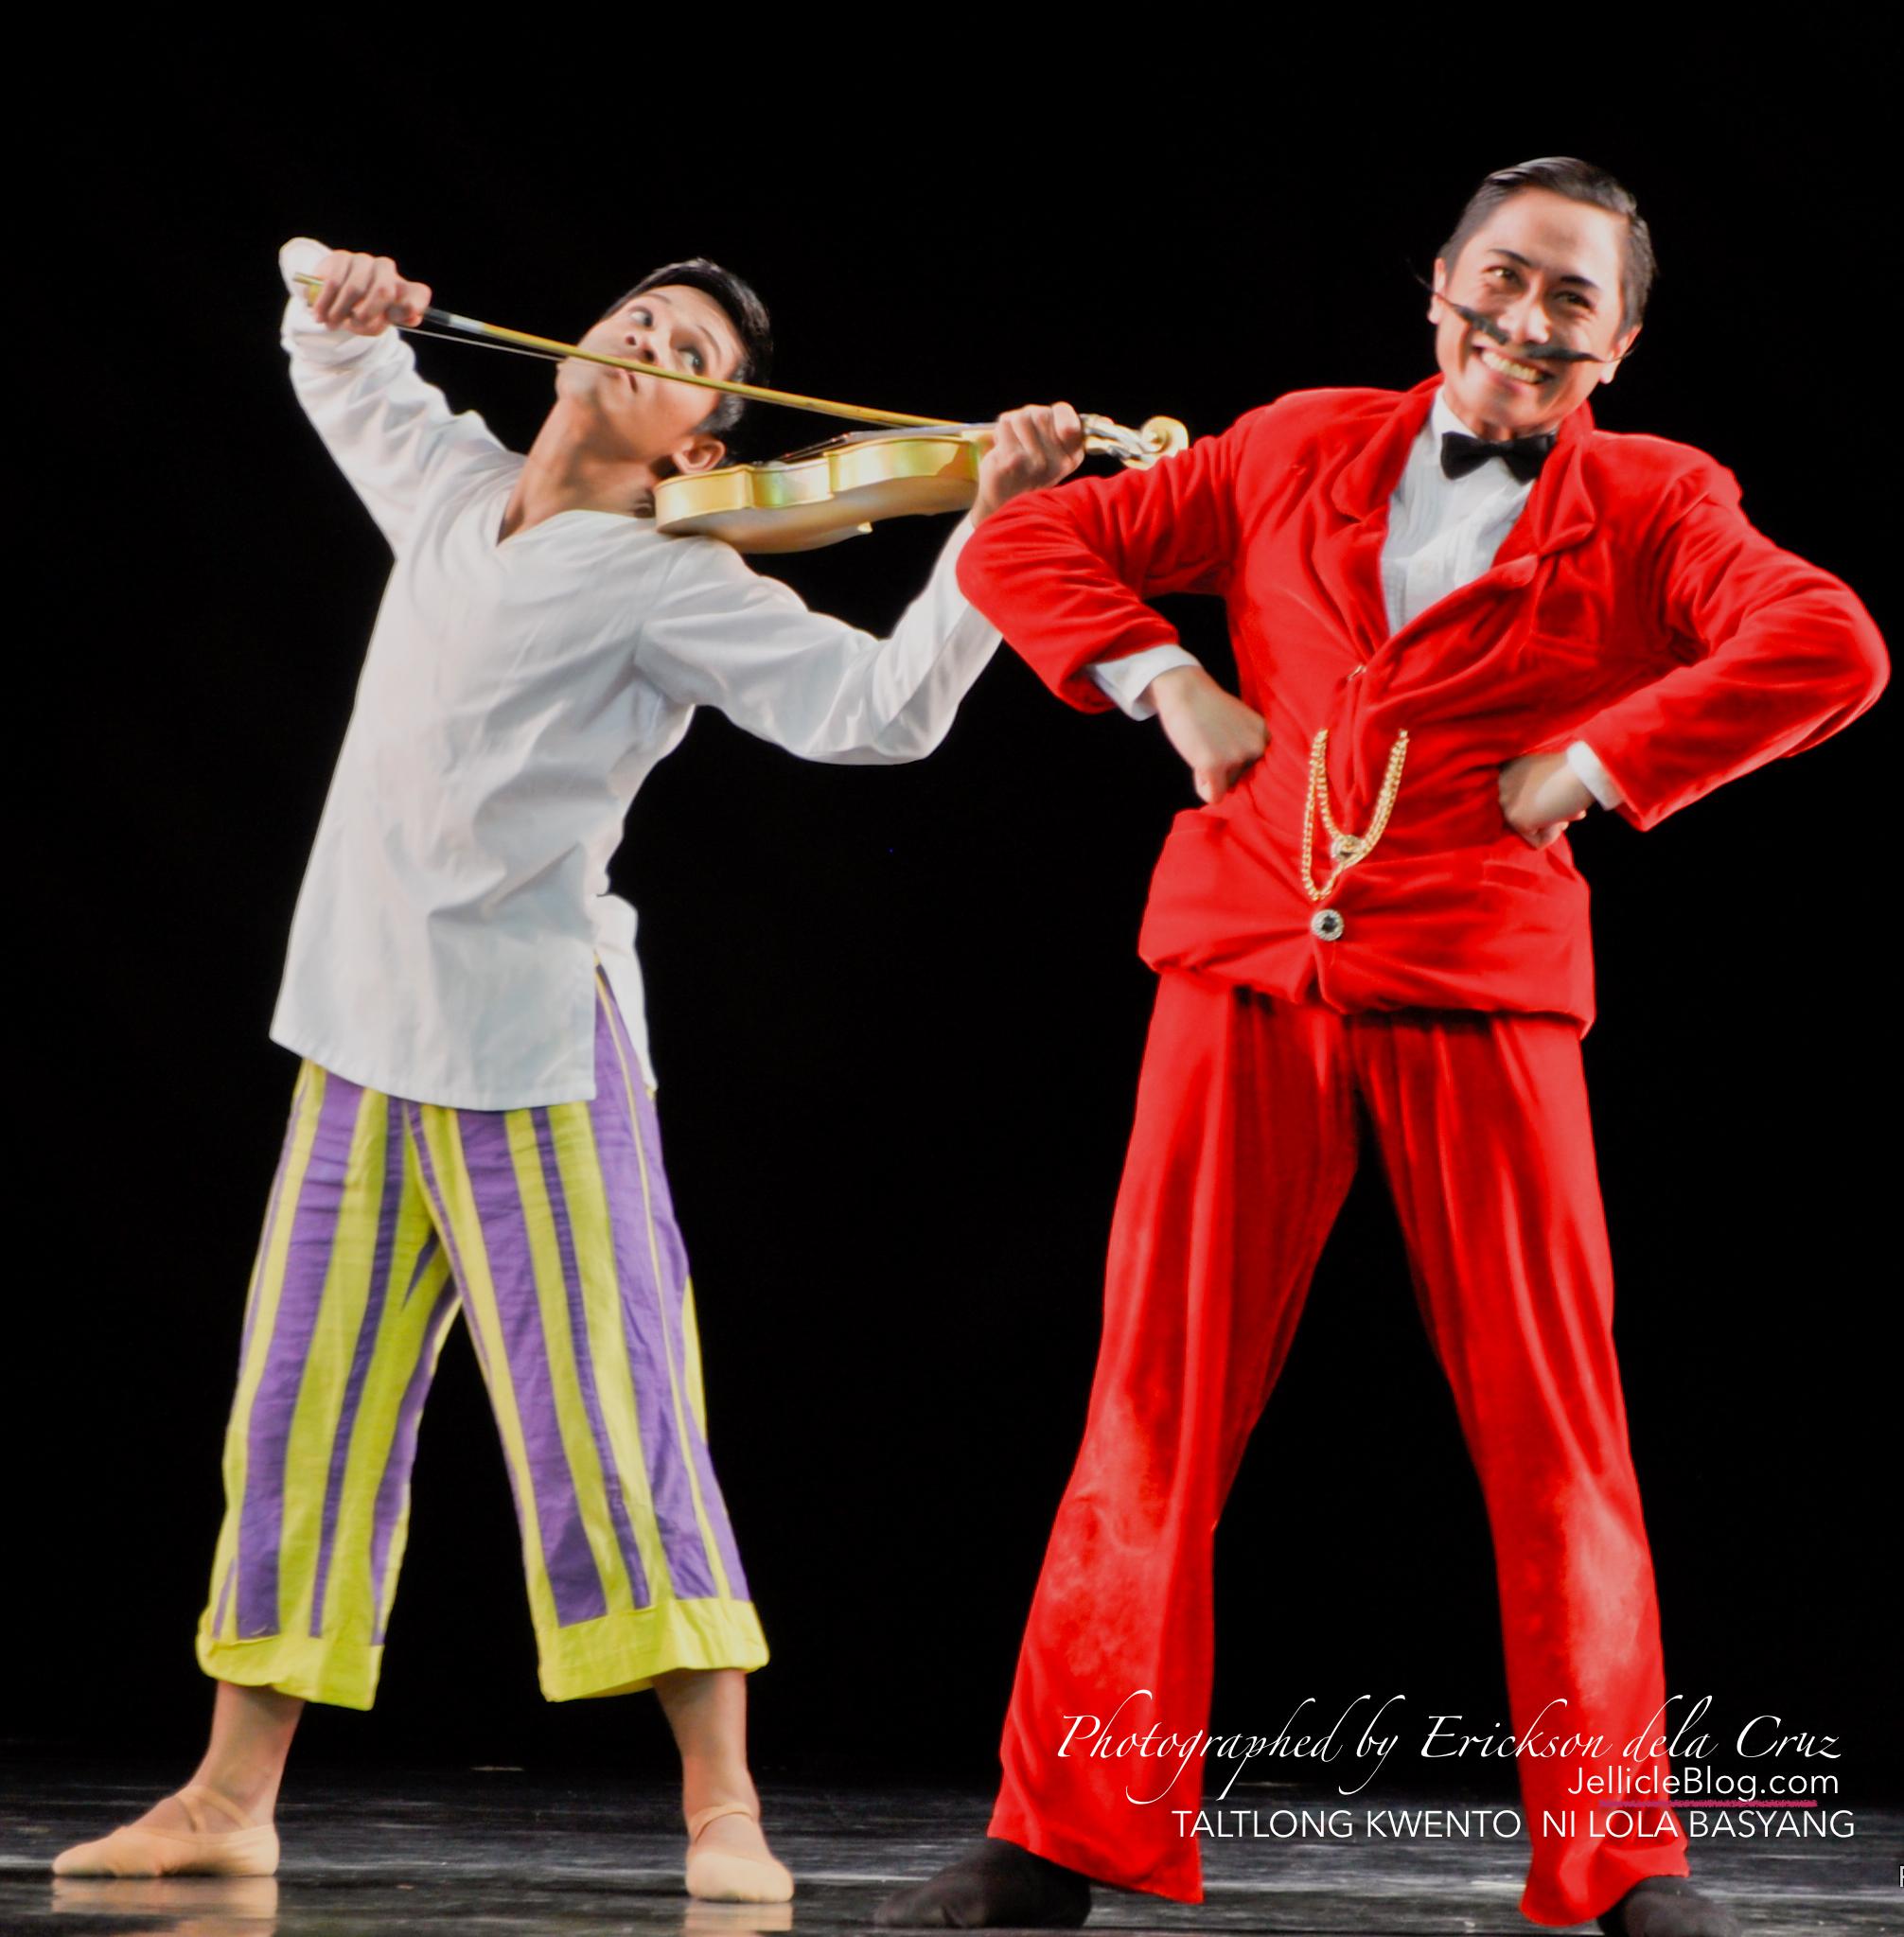 Ballet Manila's TALTONG KWENTO NI LOLA BASYANG